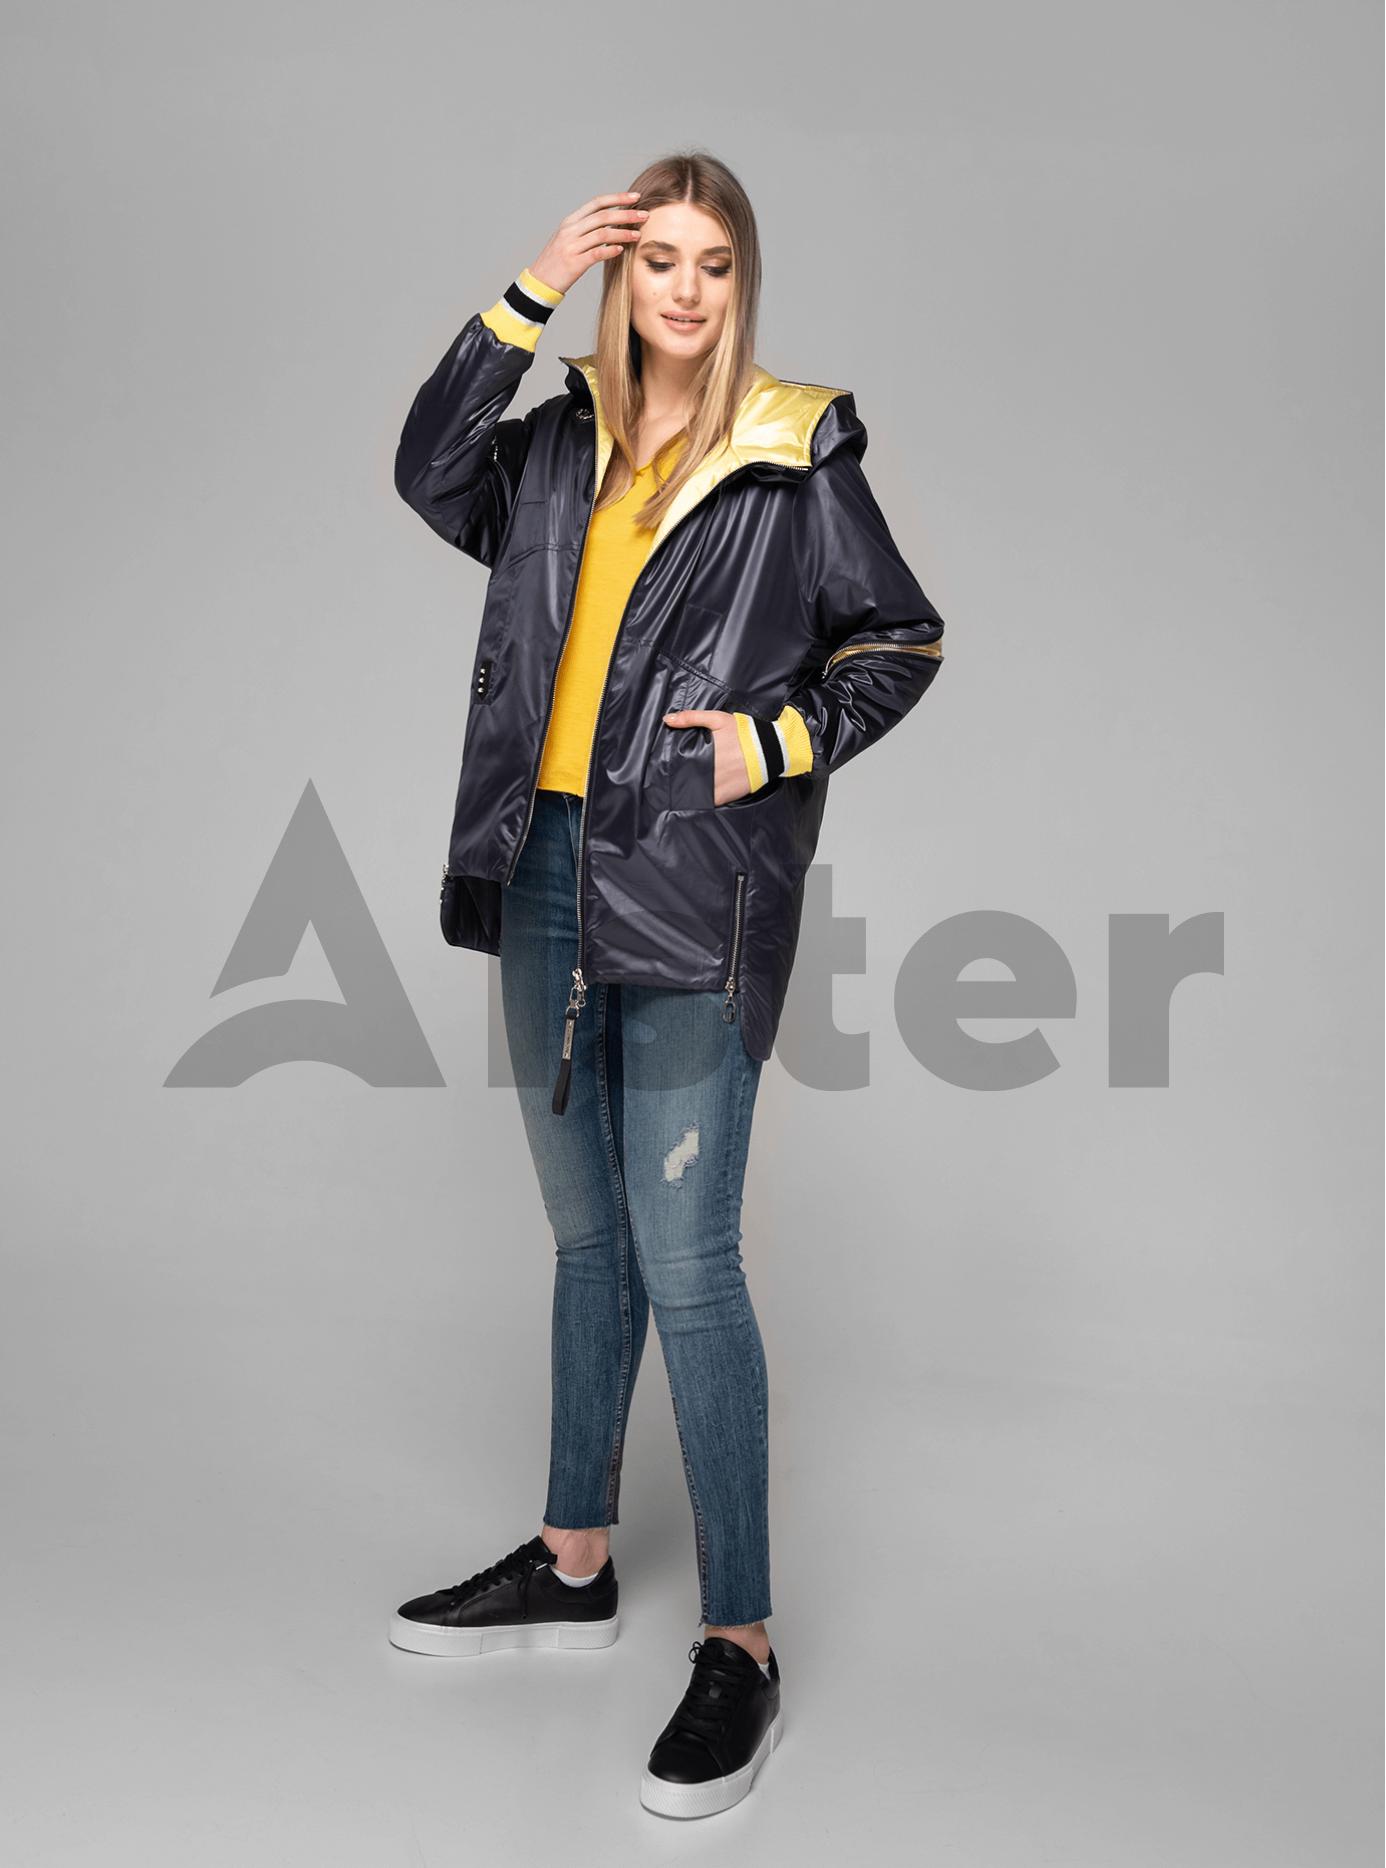 Куртка демисезонная средней длины с манжетами Графитовый S (02-V191082): фото - Alster.ua